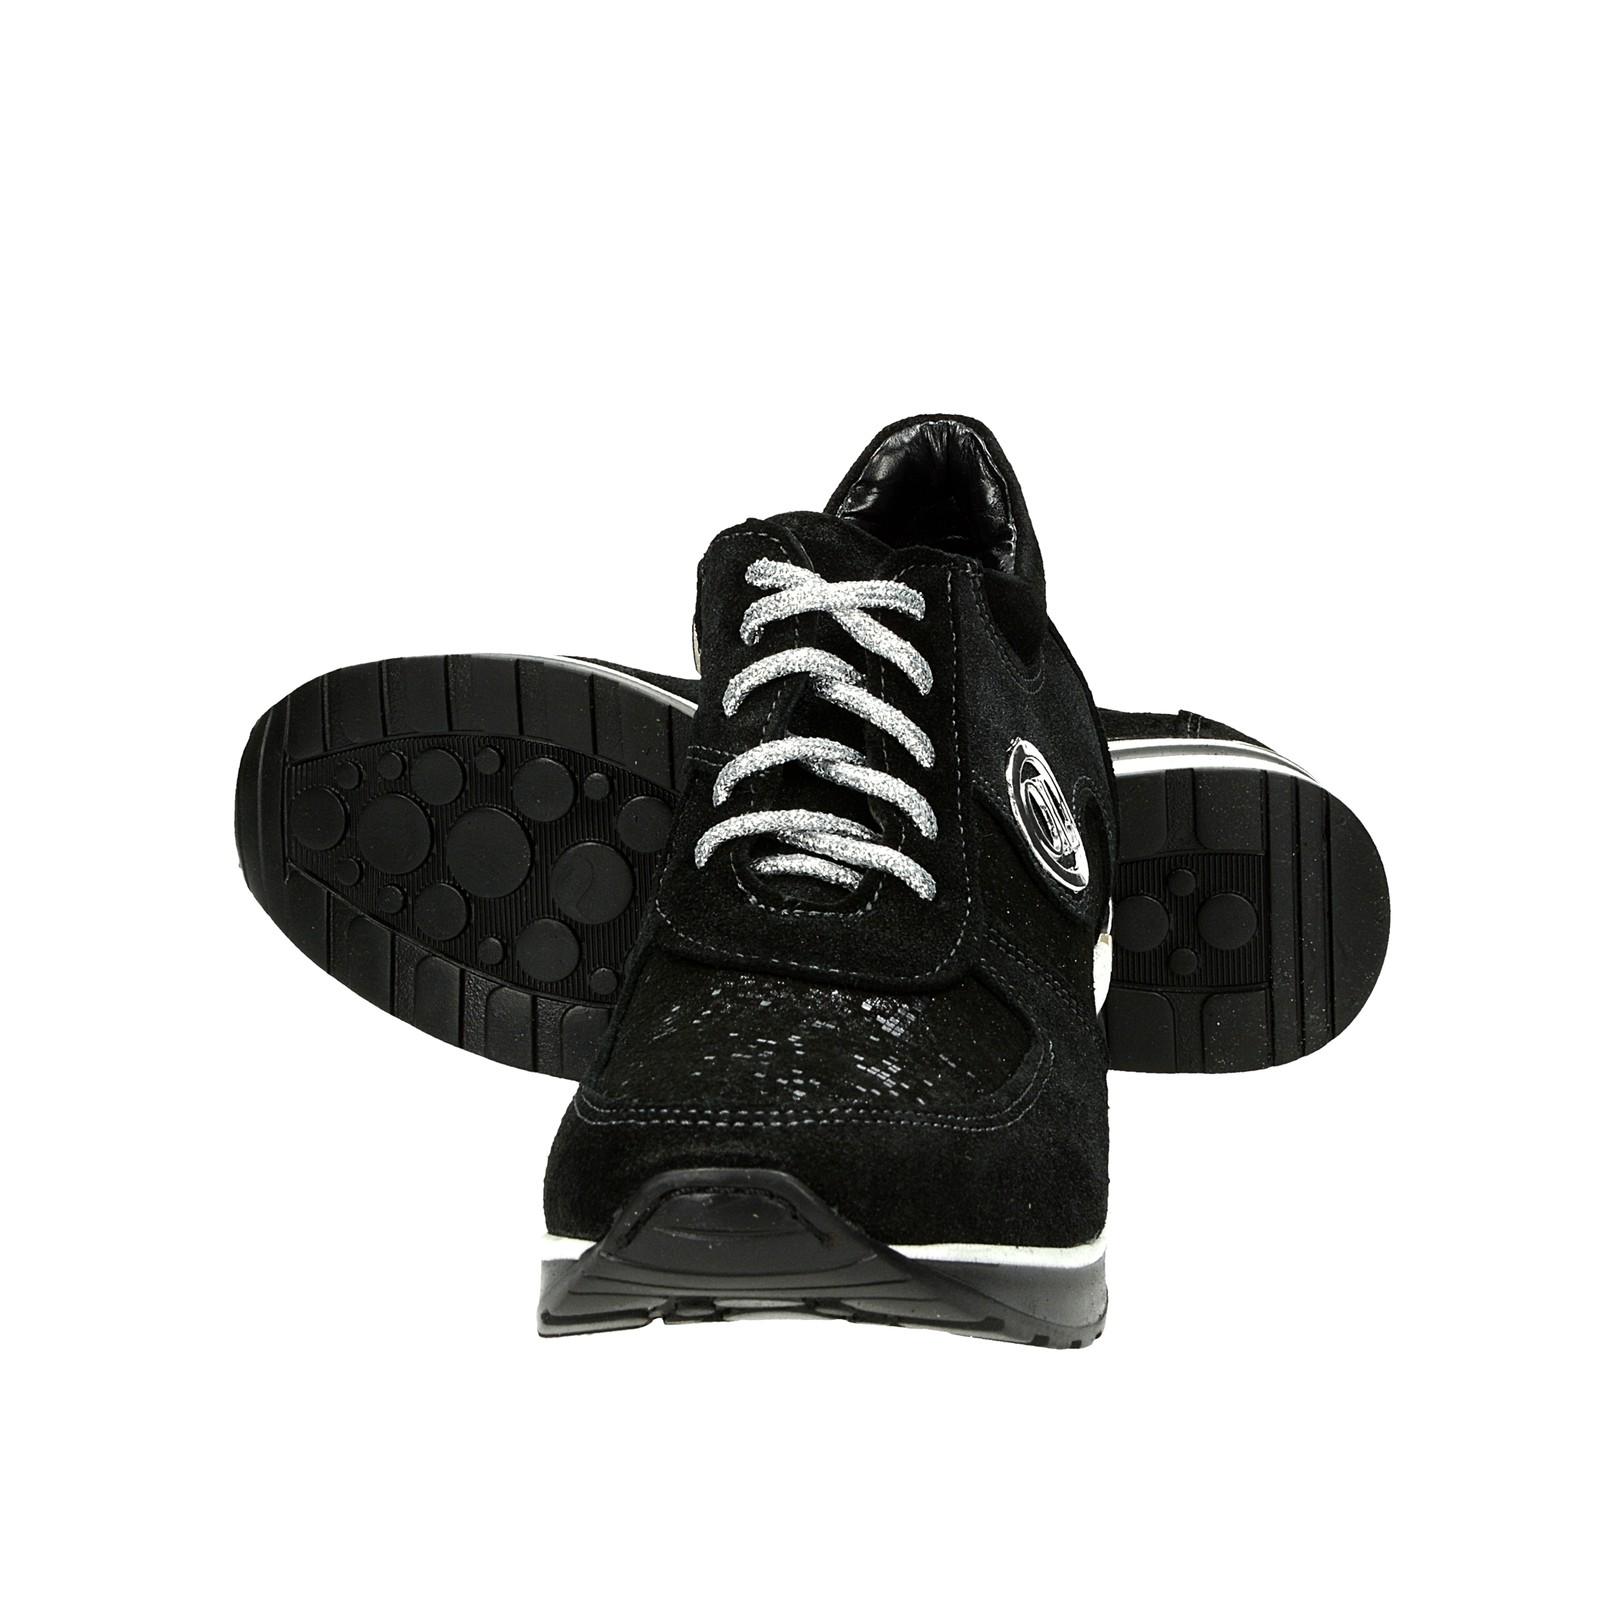 5a98d07ccfc Olivia Shoes dámské stylové kožené kotníkové boty - černé ...